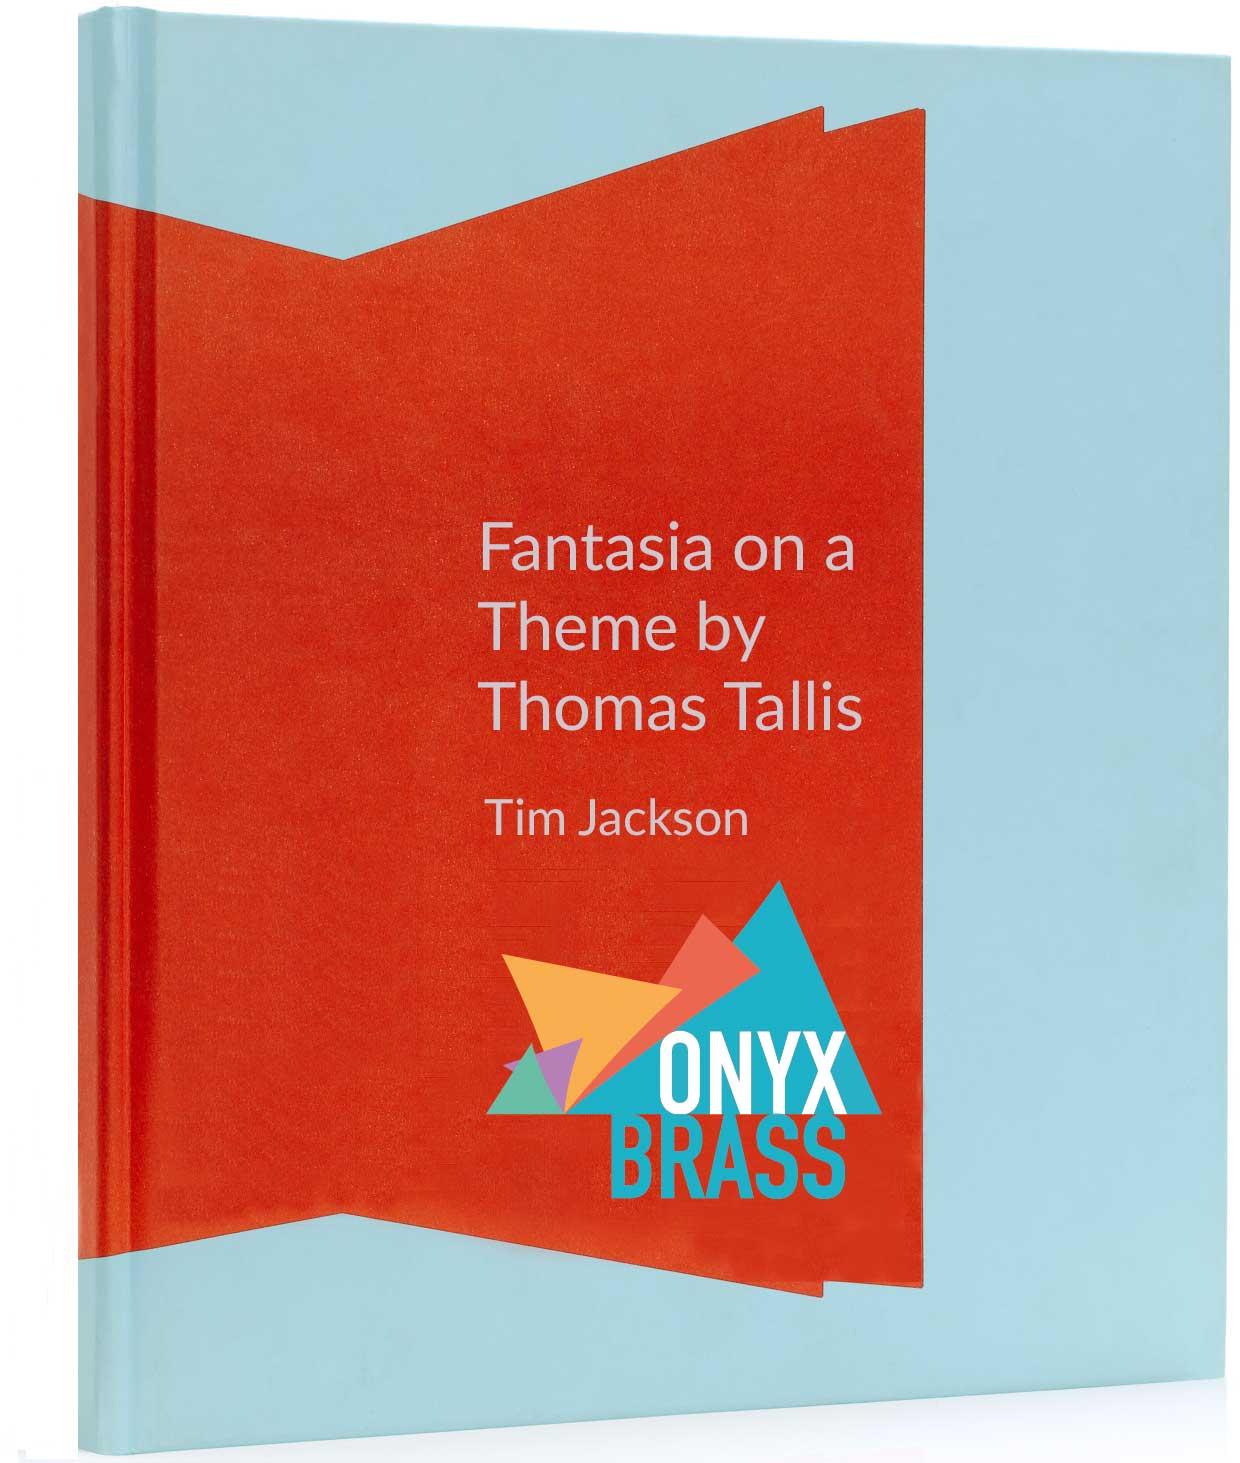 Fantasia on a Theme by Thomas Tallis